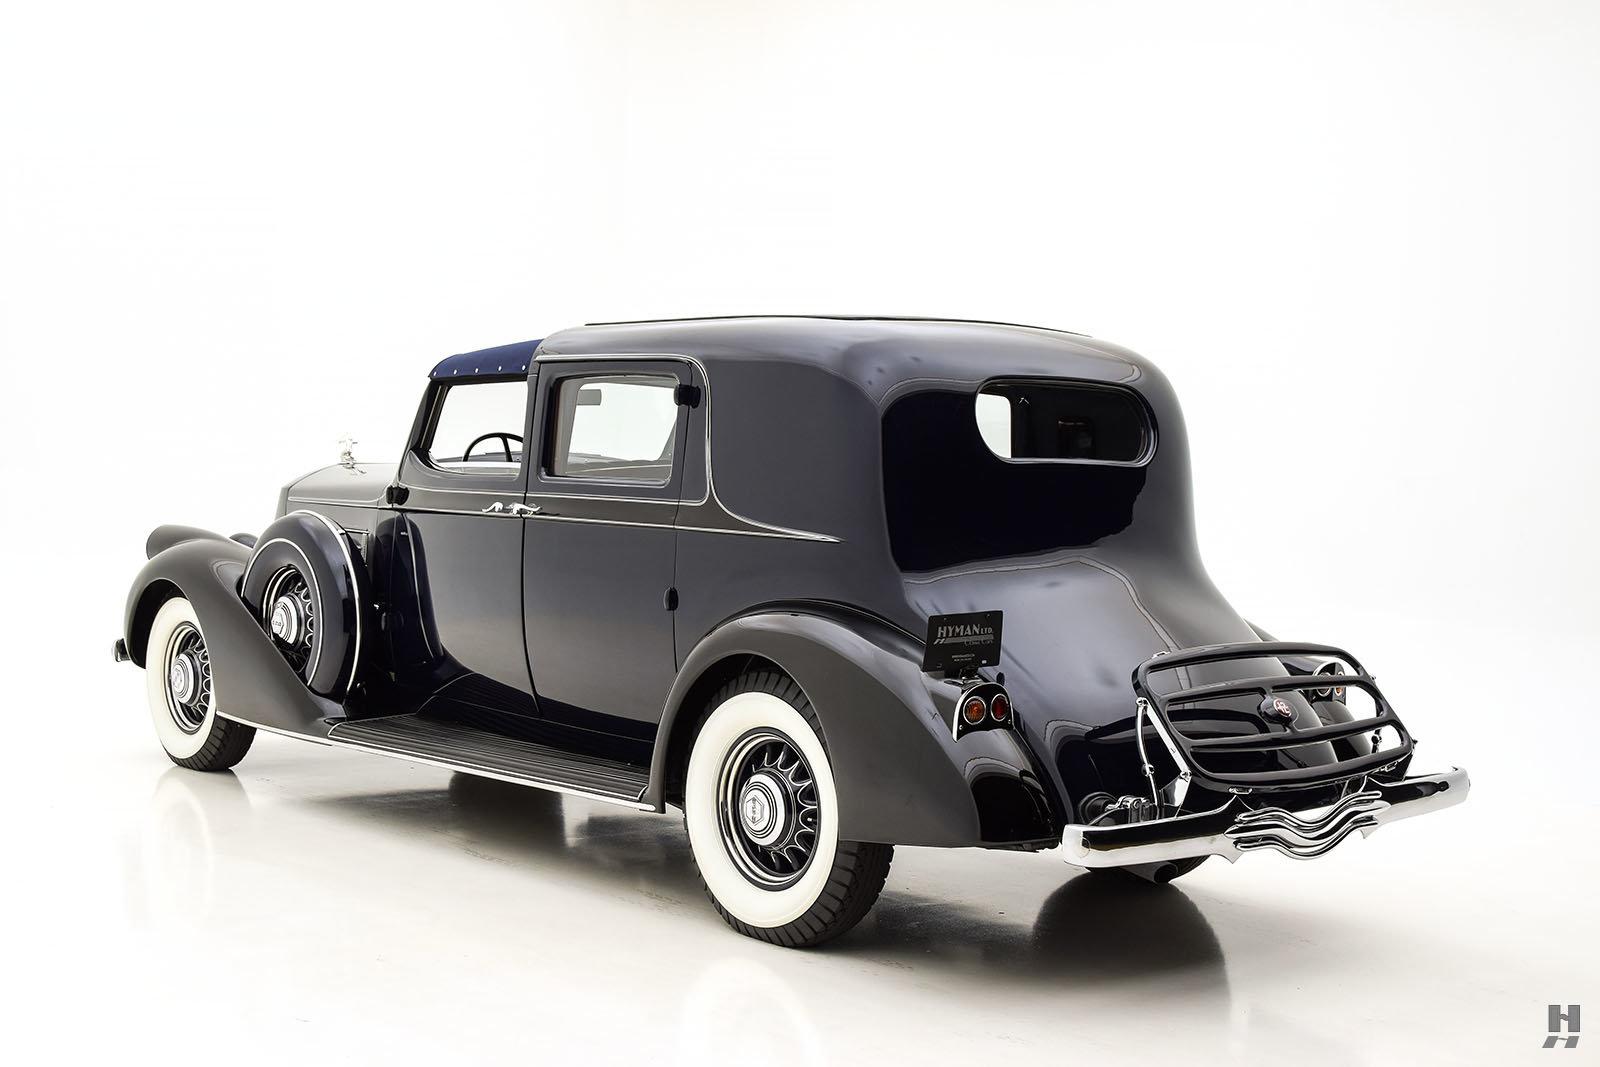 1936 PIERCE ARROW SALON TWELVE TOWN CAR BY DERHAM For Sale (picture 6 of 6)